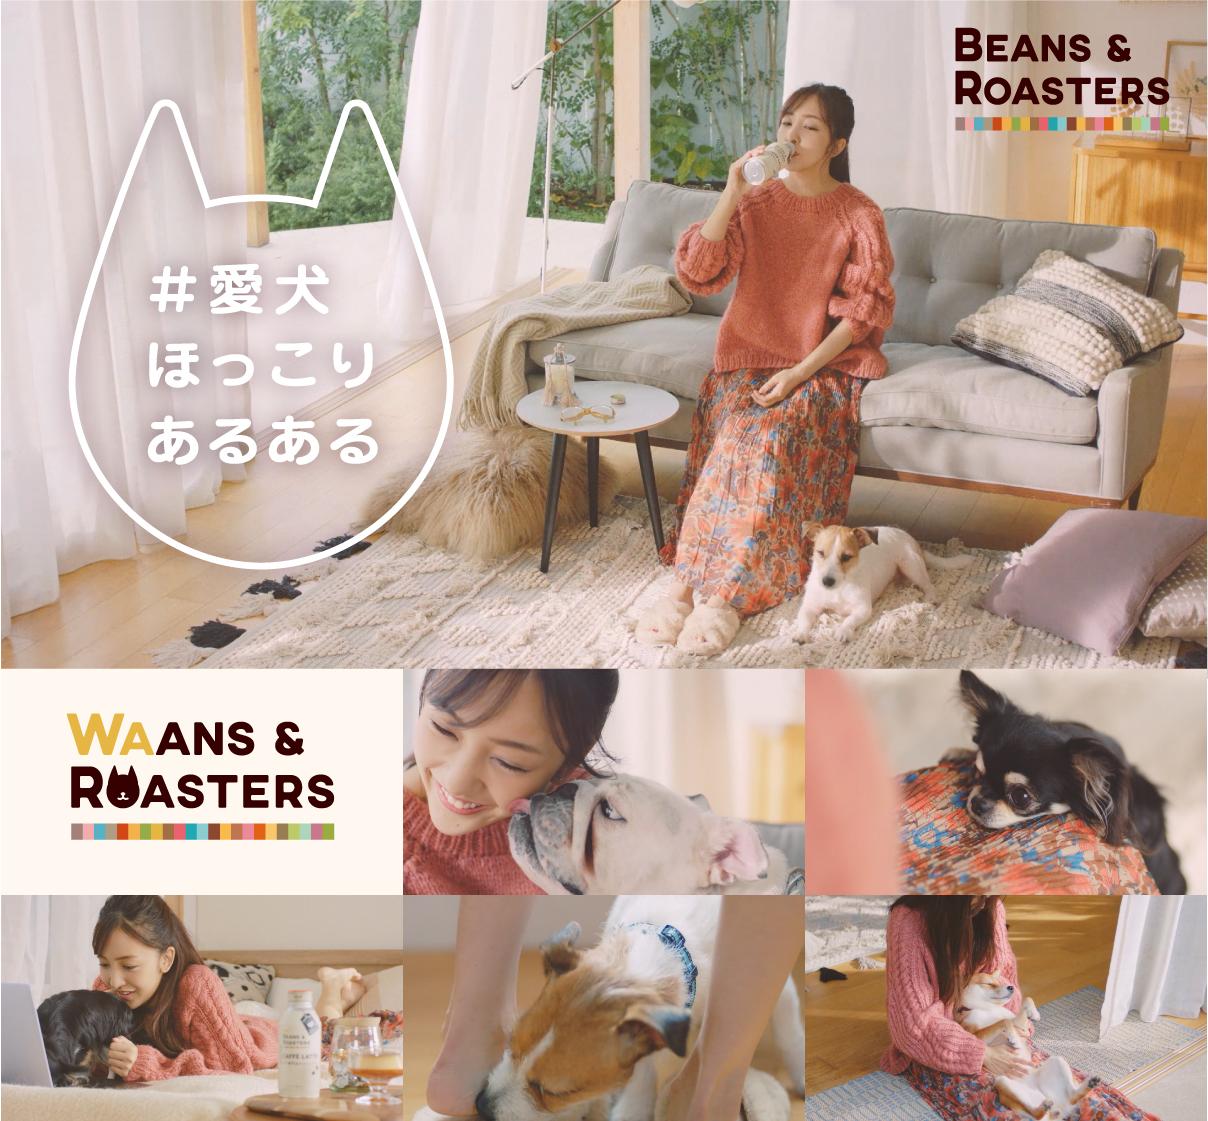 11月1日「犬の日」は愛犬とほっこり癒される1日に! 「犬の日」にちなみ、動画「#愛犬ほっこりあるある」を公開